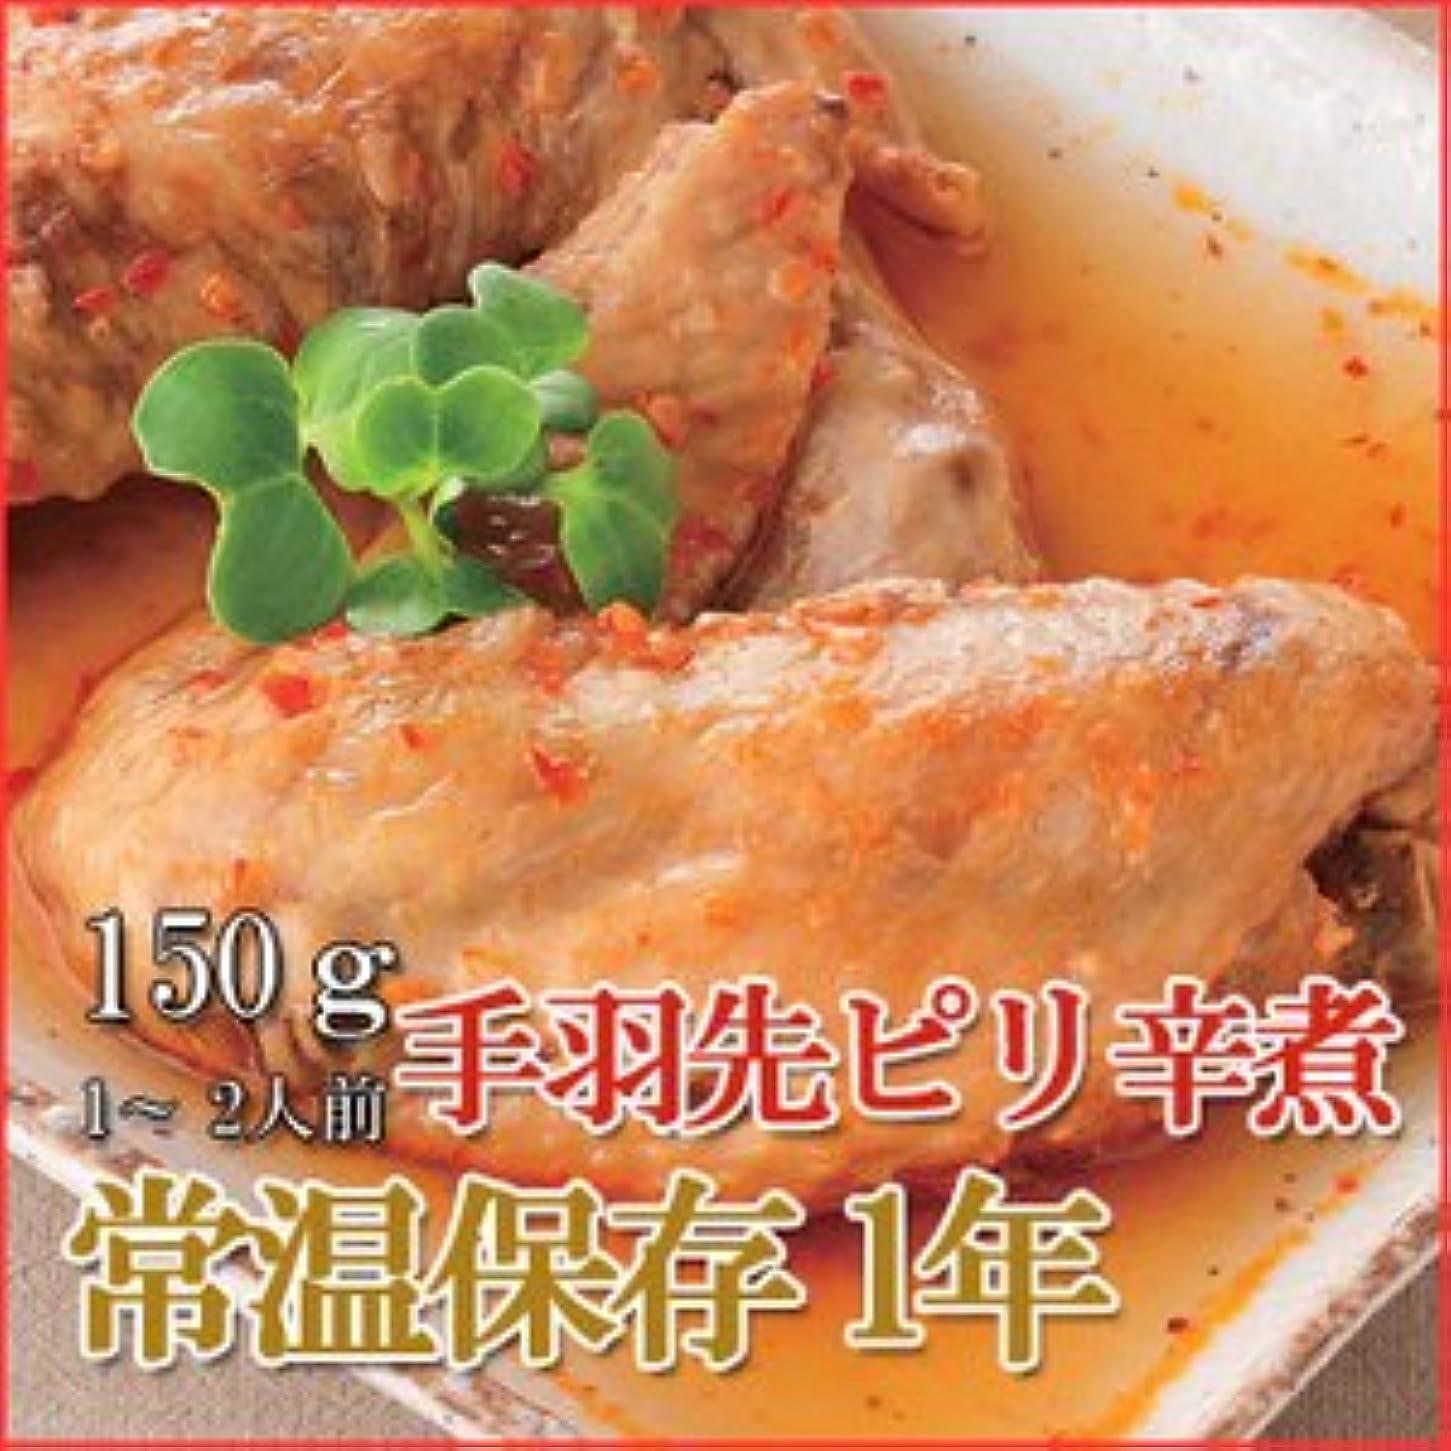 取る忌まわしい中性レトルト 和風 煮物 手羽先ピリ辛煮 150g (1-2人前) X2個セット (和食 おかず 惣菜)